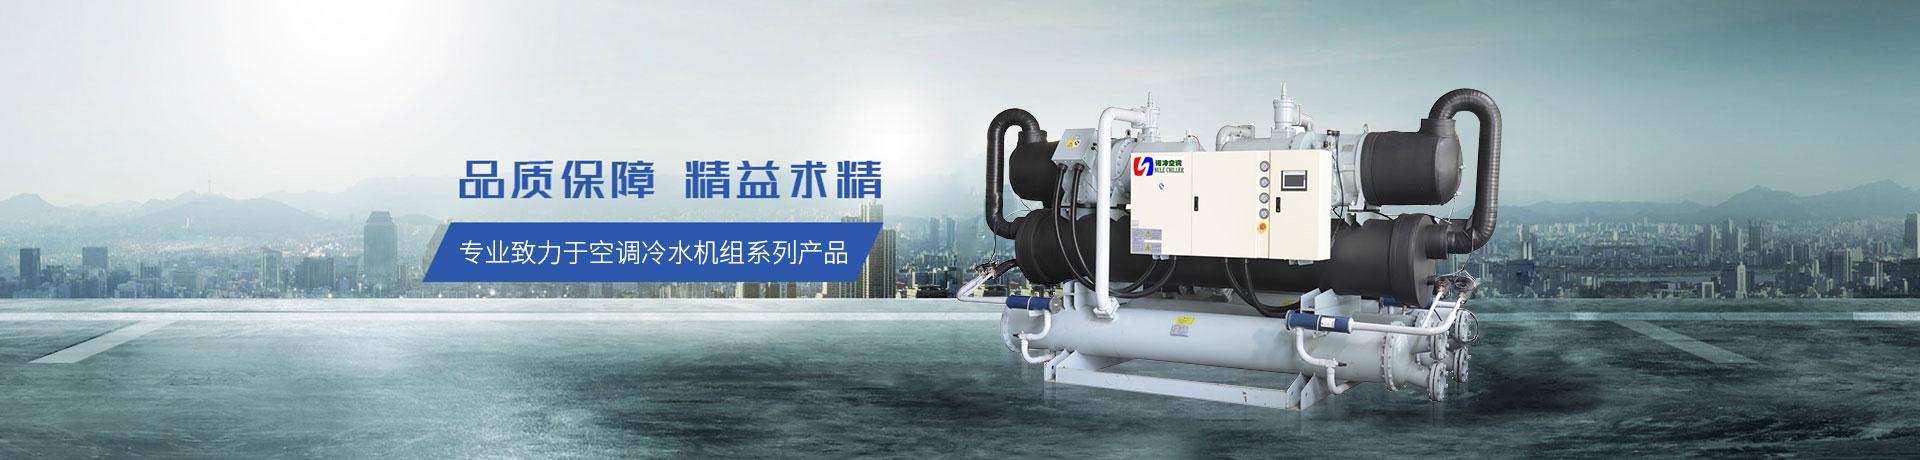 工业冷水机,螺杆冷水机,盐水冷冻机,防爆冷水机 ,冰水机,盐水冷冻机组,冰水机组